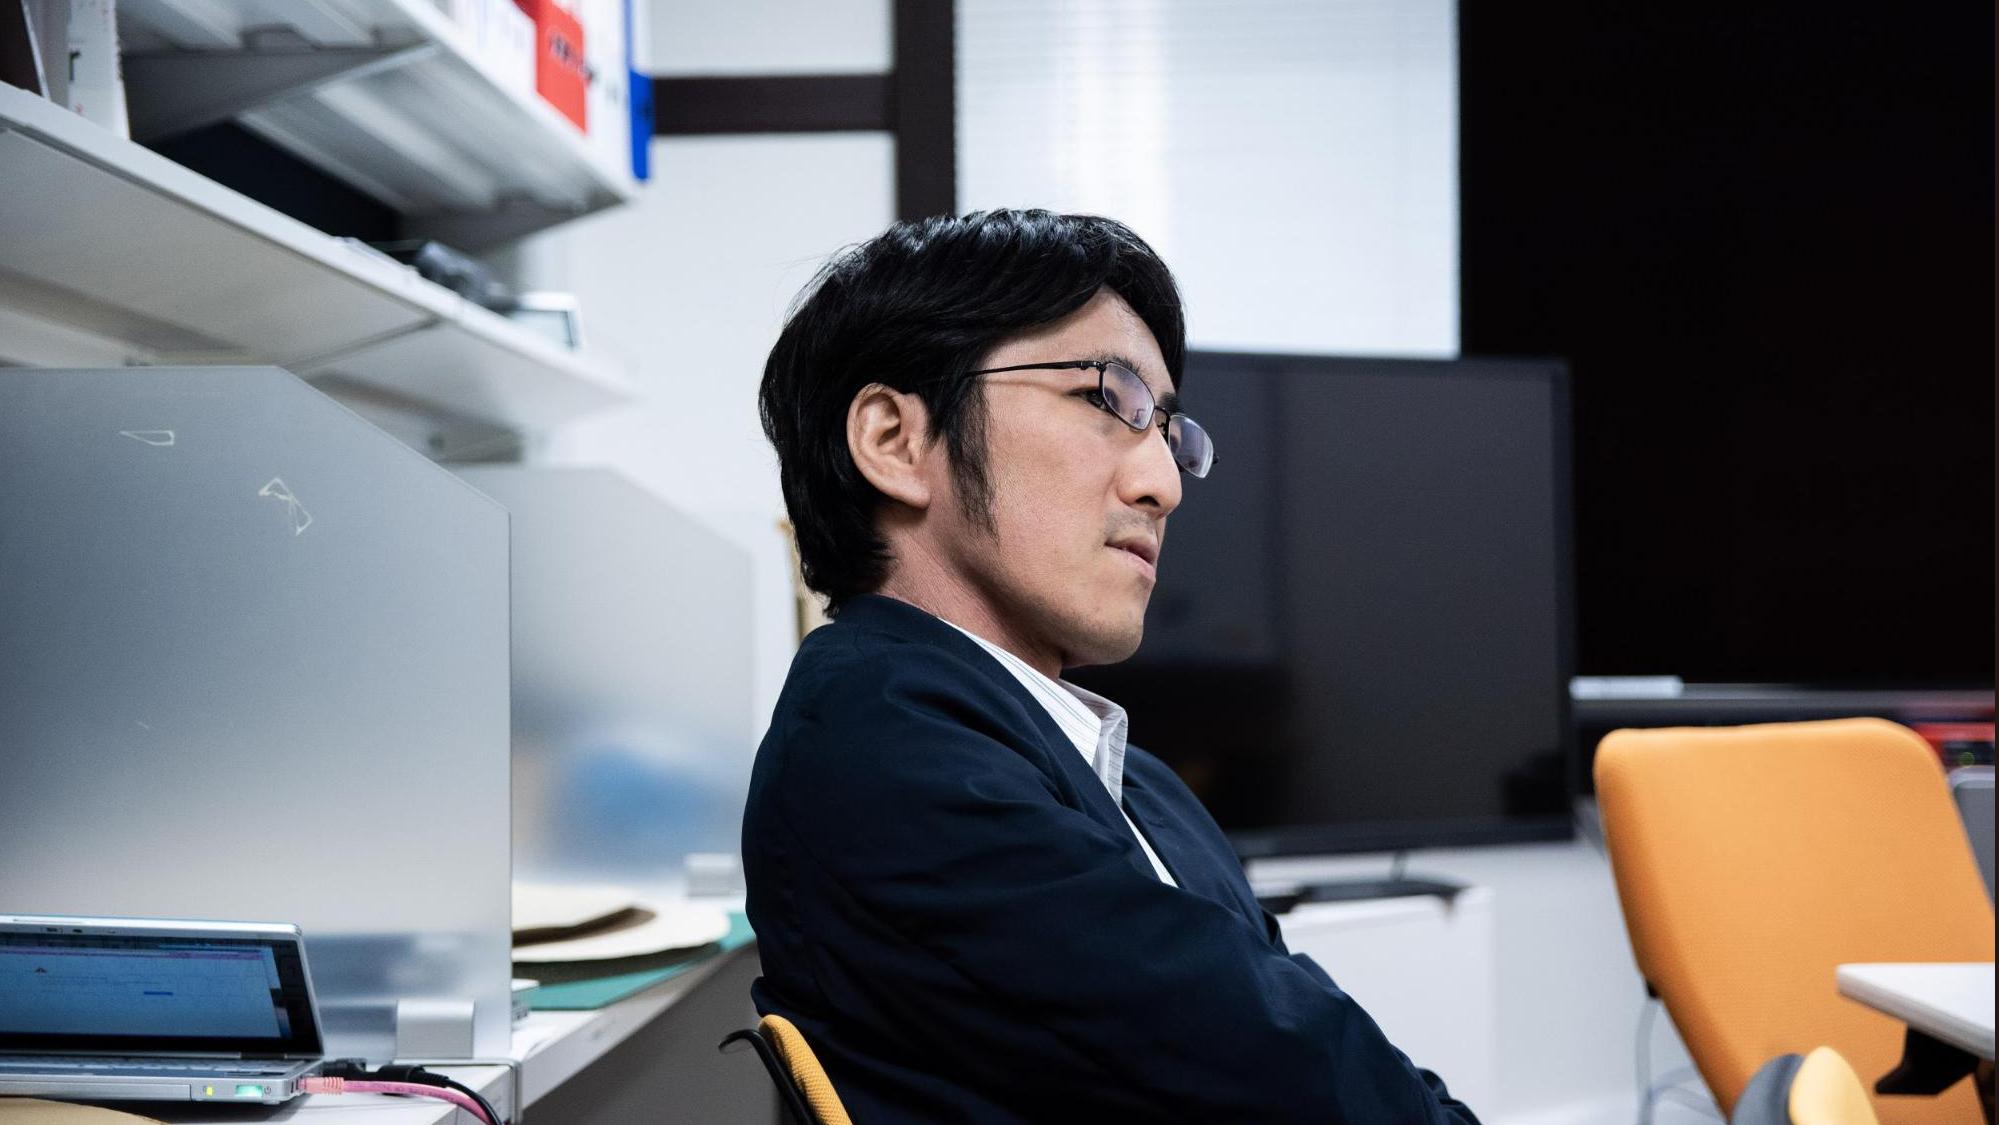 長谷川リョー『考えるを考える』 第10回 『ティール組織』解説者・嘉村賢州が探求する新しい組織形態